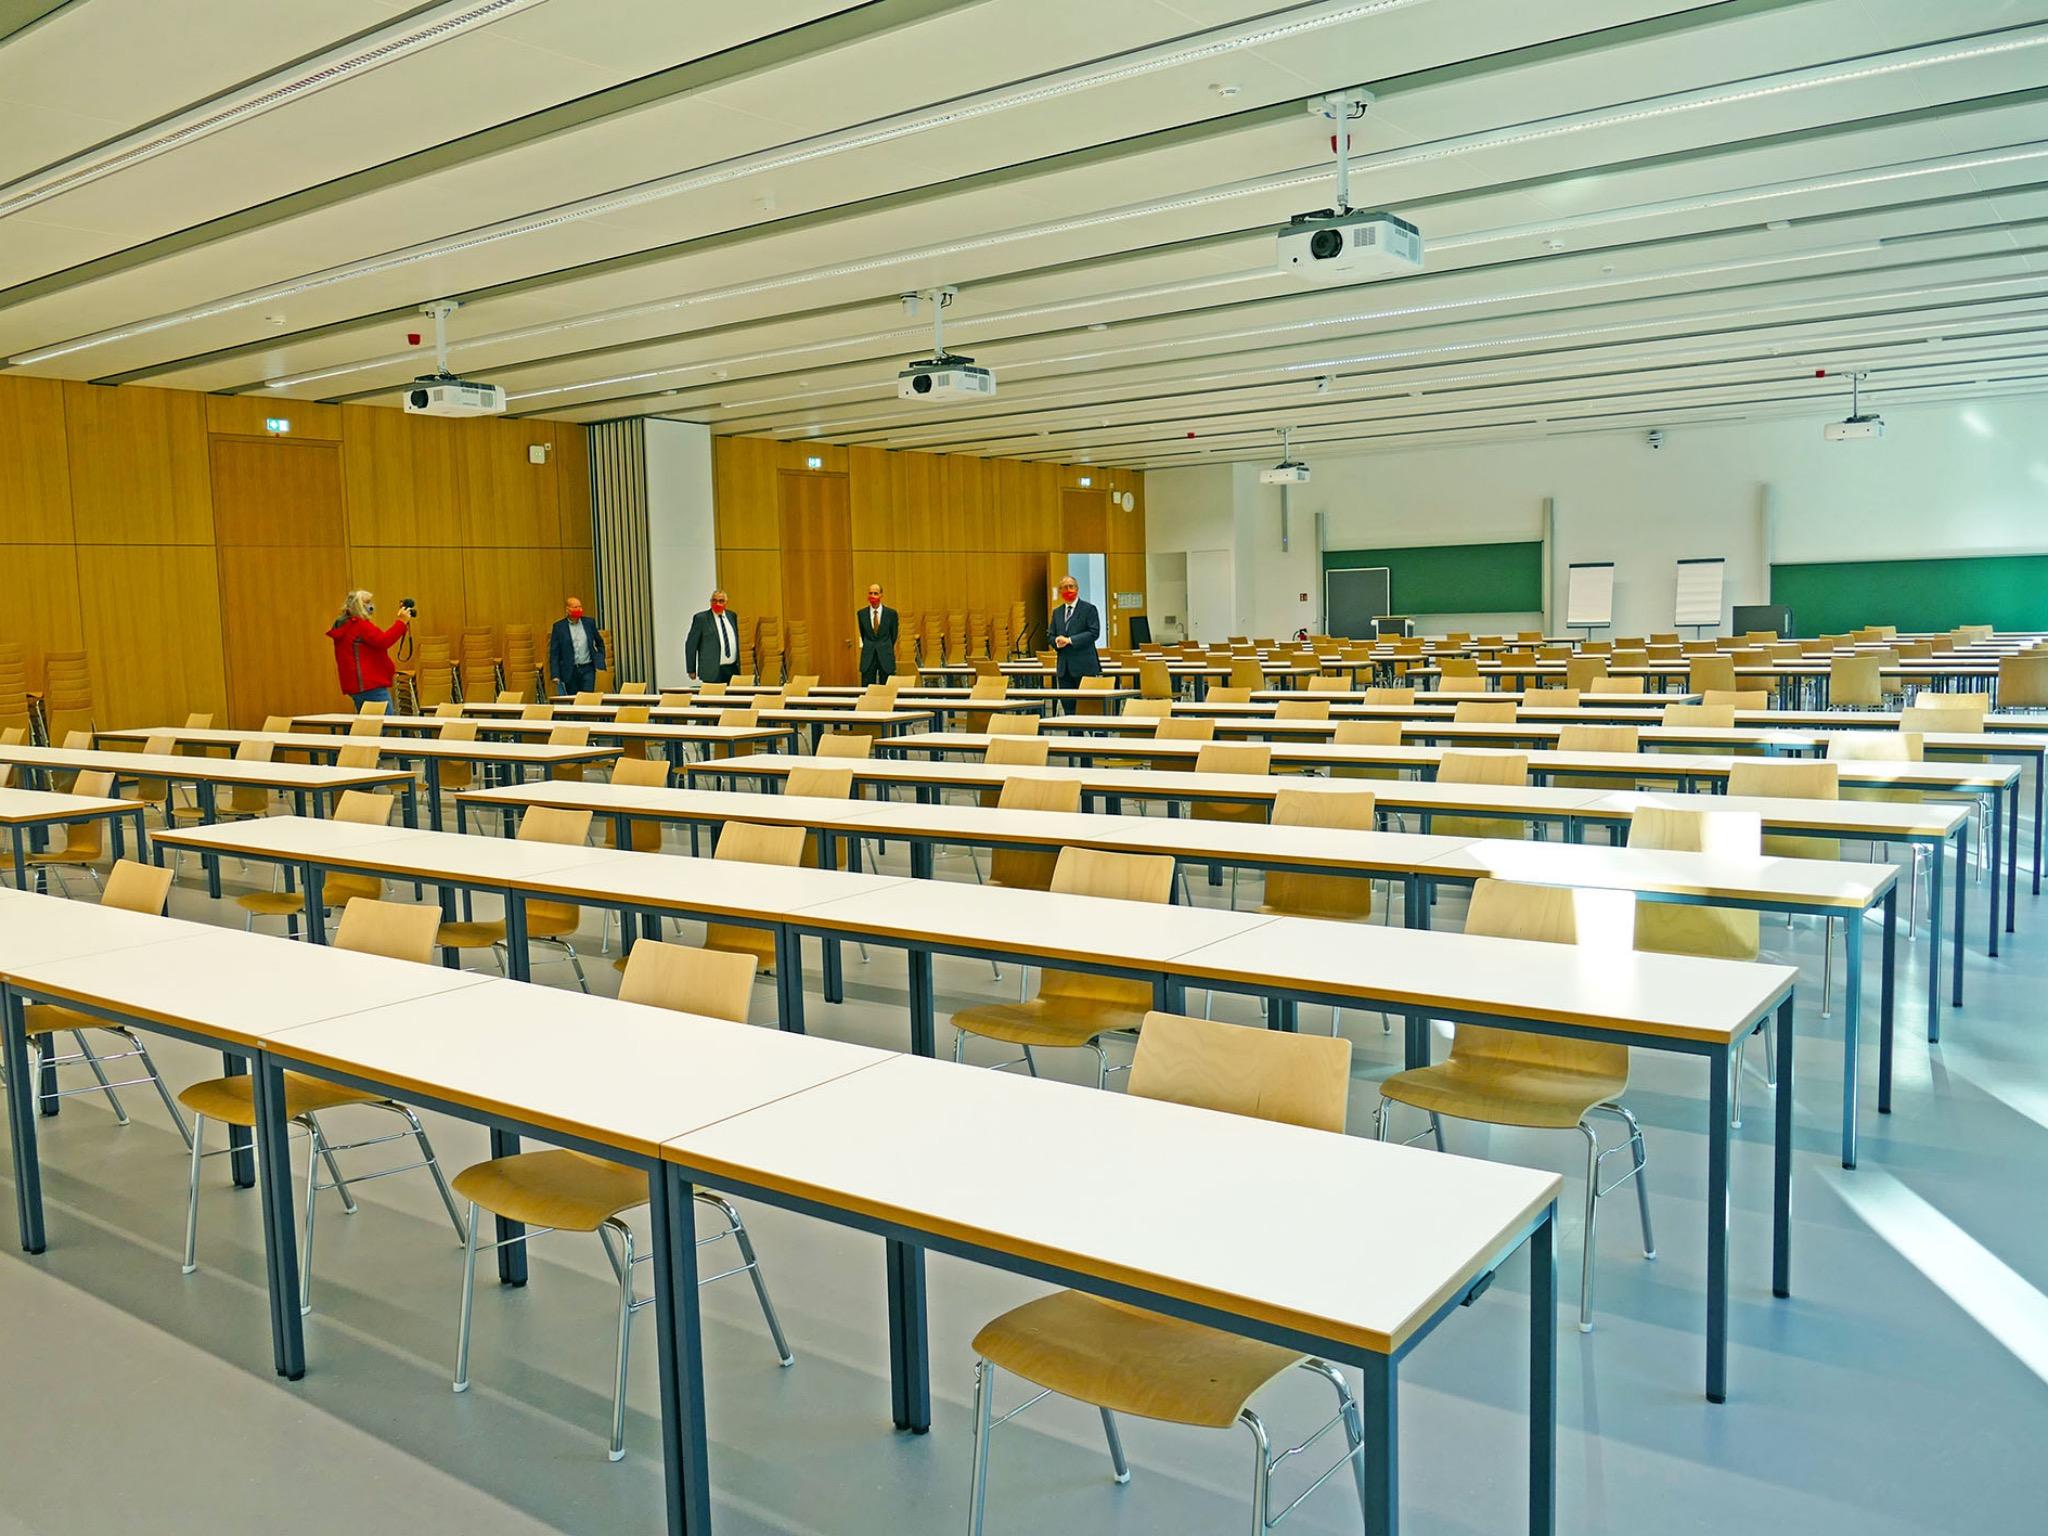 Der größte Hörsaal des FHWS-Neubaus bietet ausreichend Platz für Studierende. Foto: FHWS